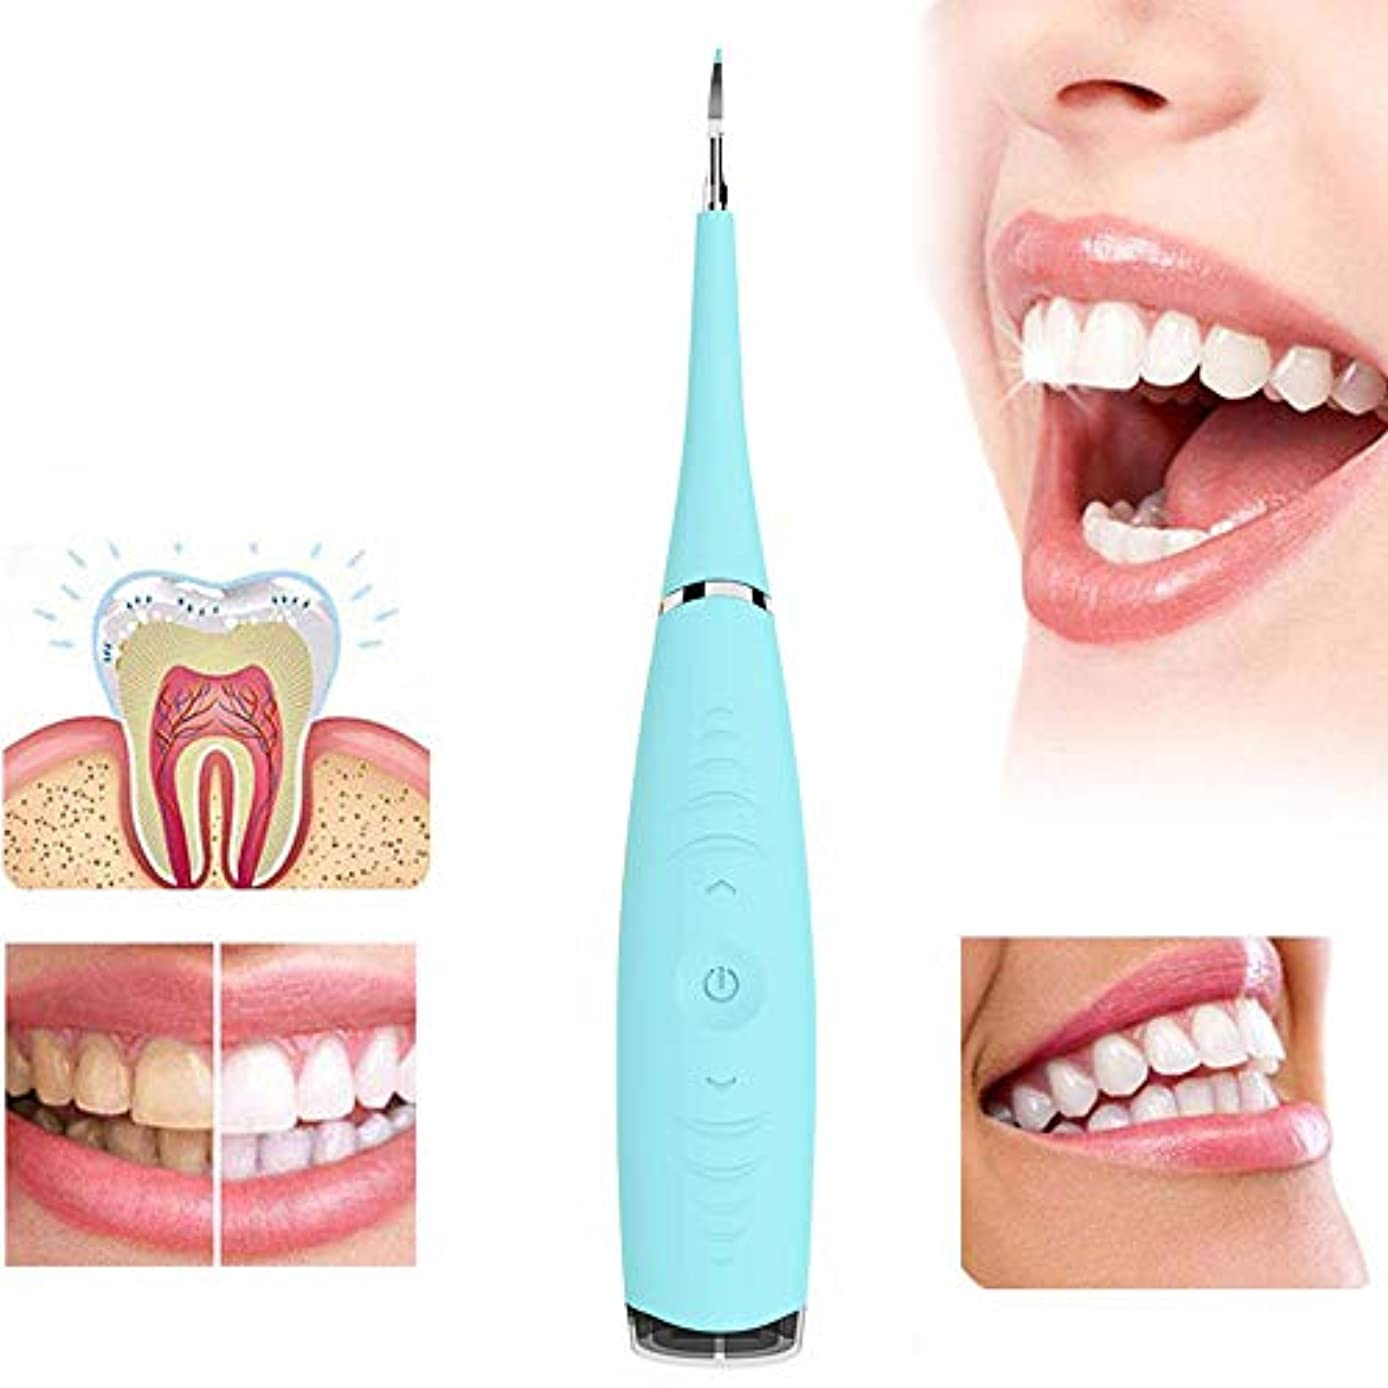 マリンリレーキャリア歯をホワイトニング電動歯石除去ツール防水ステンレス鋼歯石スクレーパー歯のクリーニング消しゴム